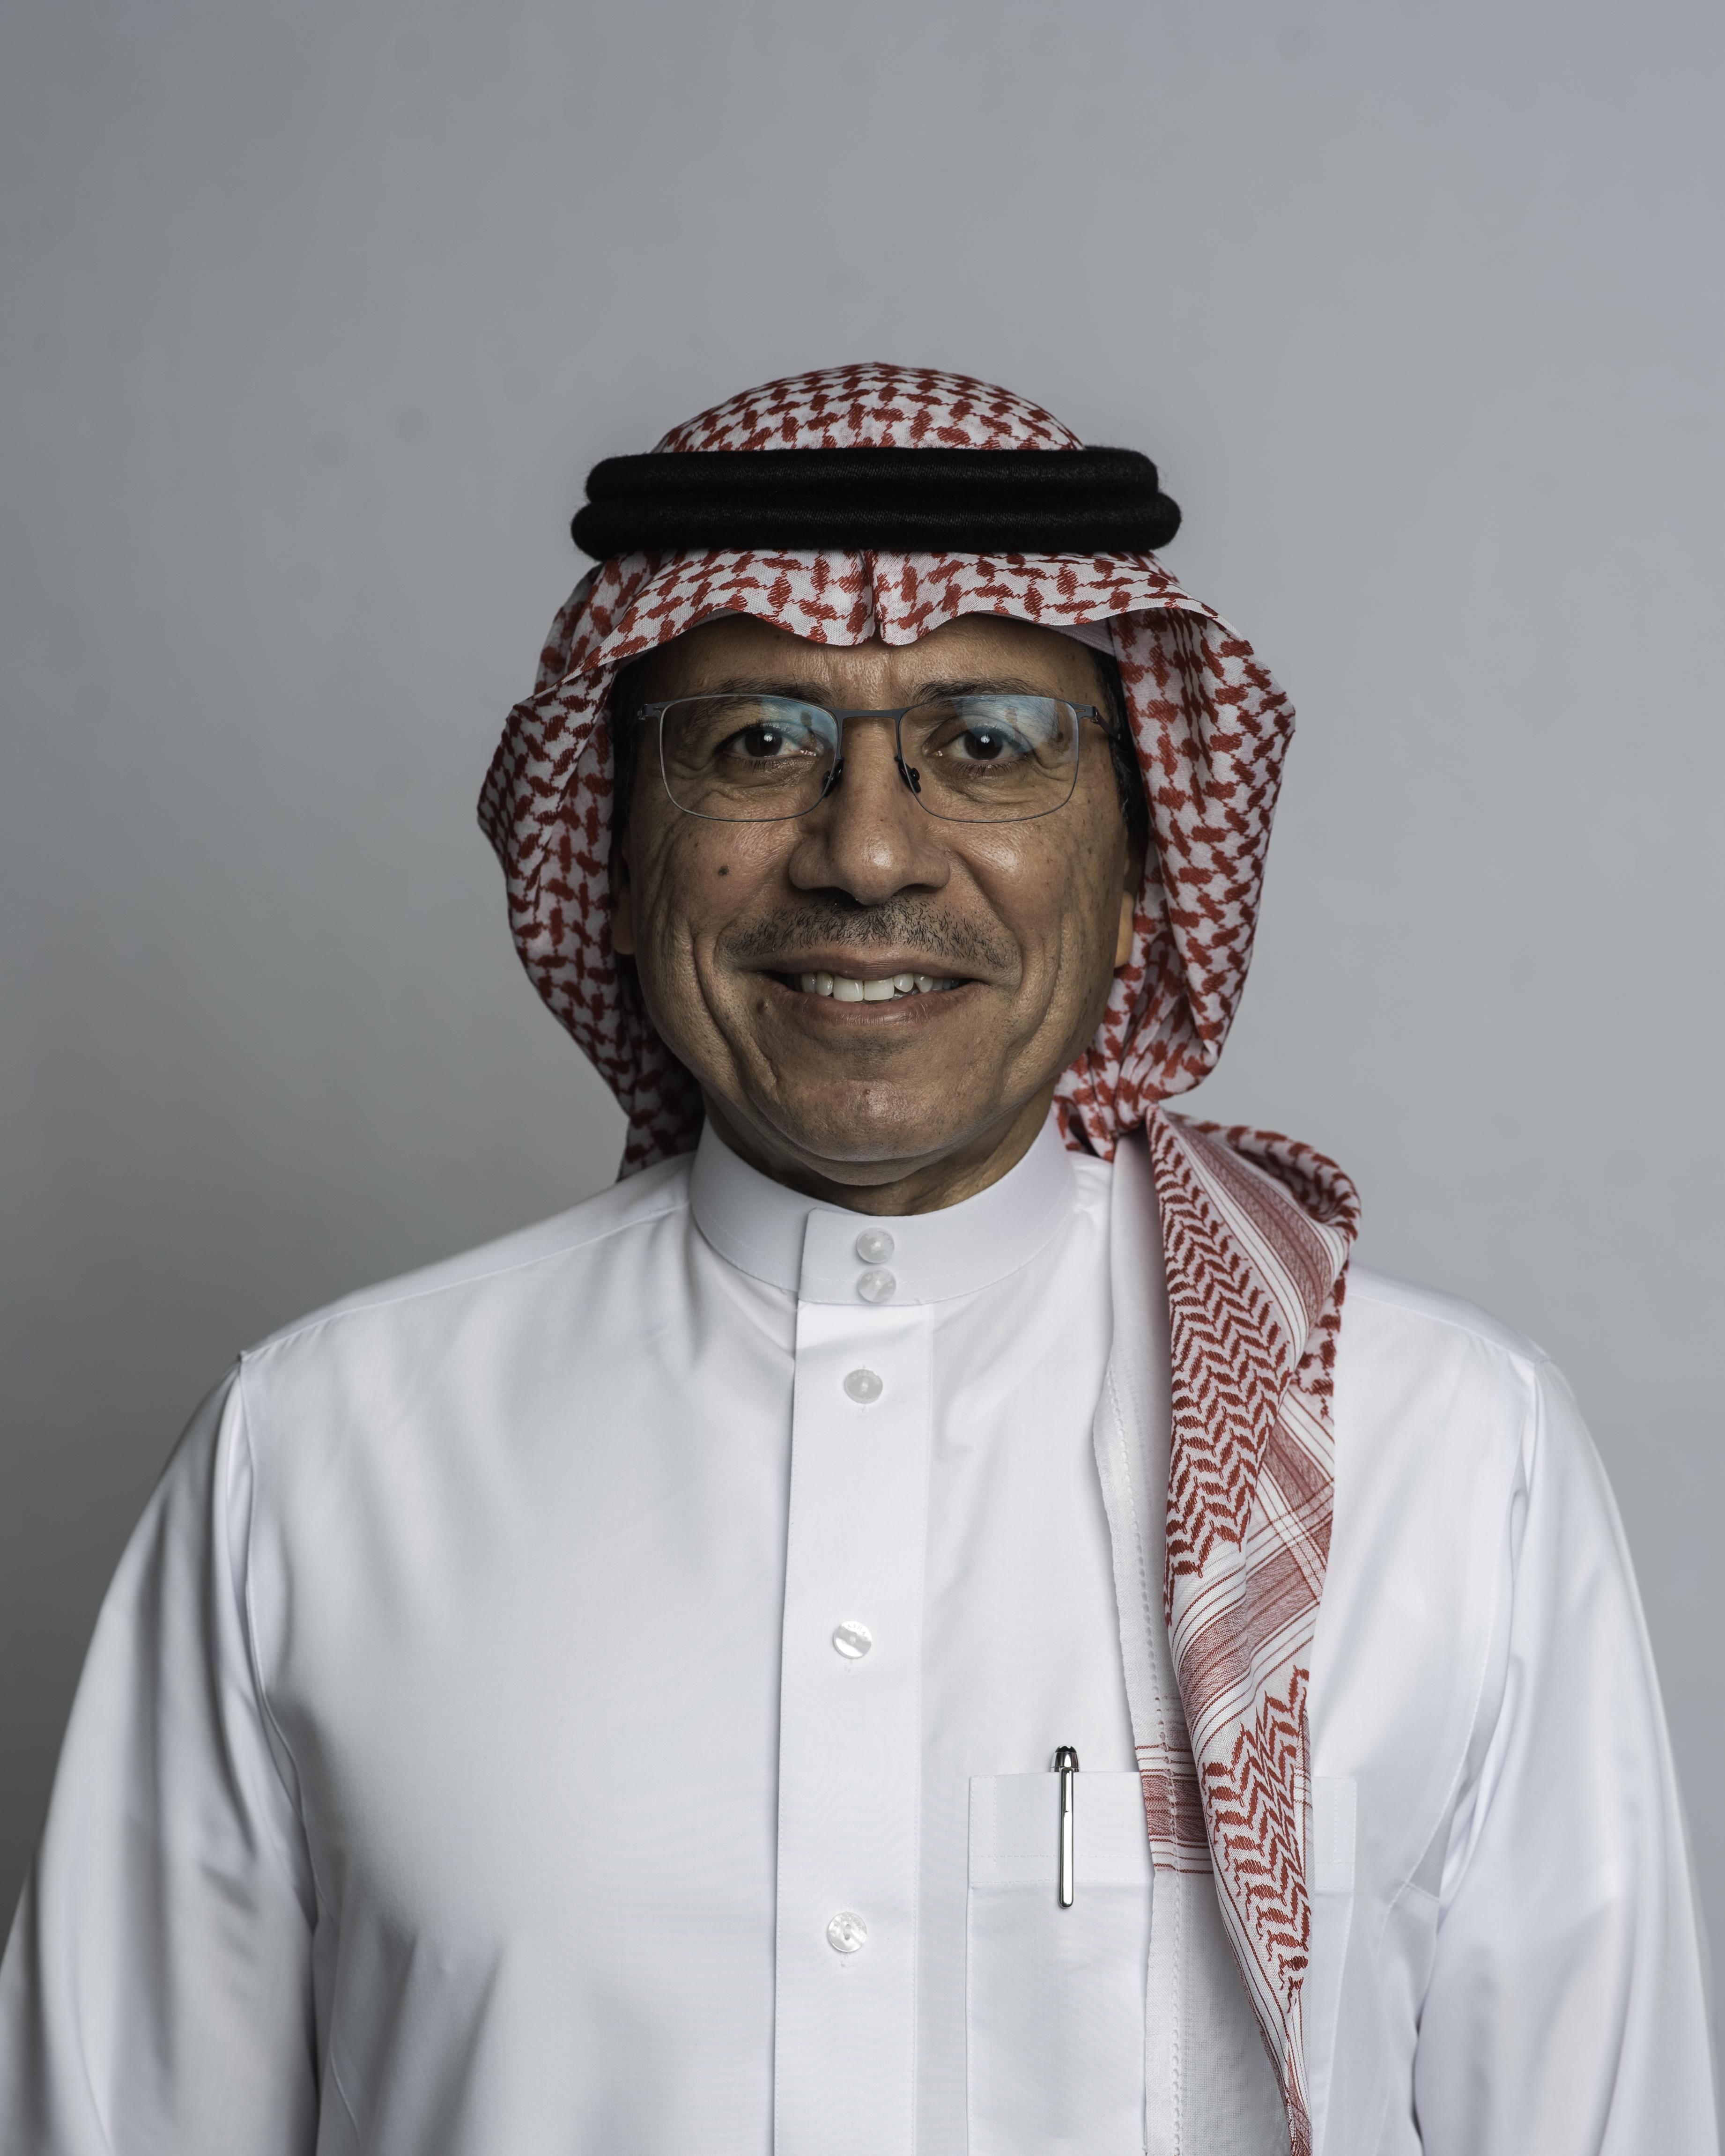 المهندس/ الوليد عبدالرزاق الدريعان